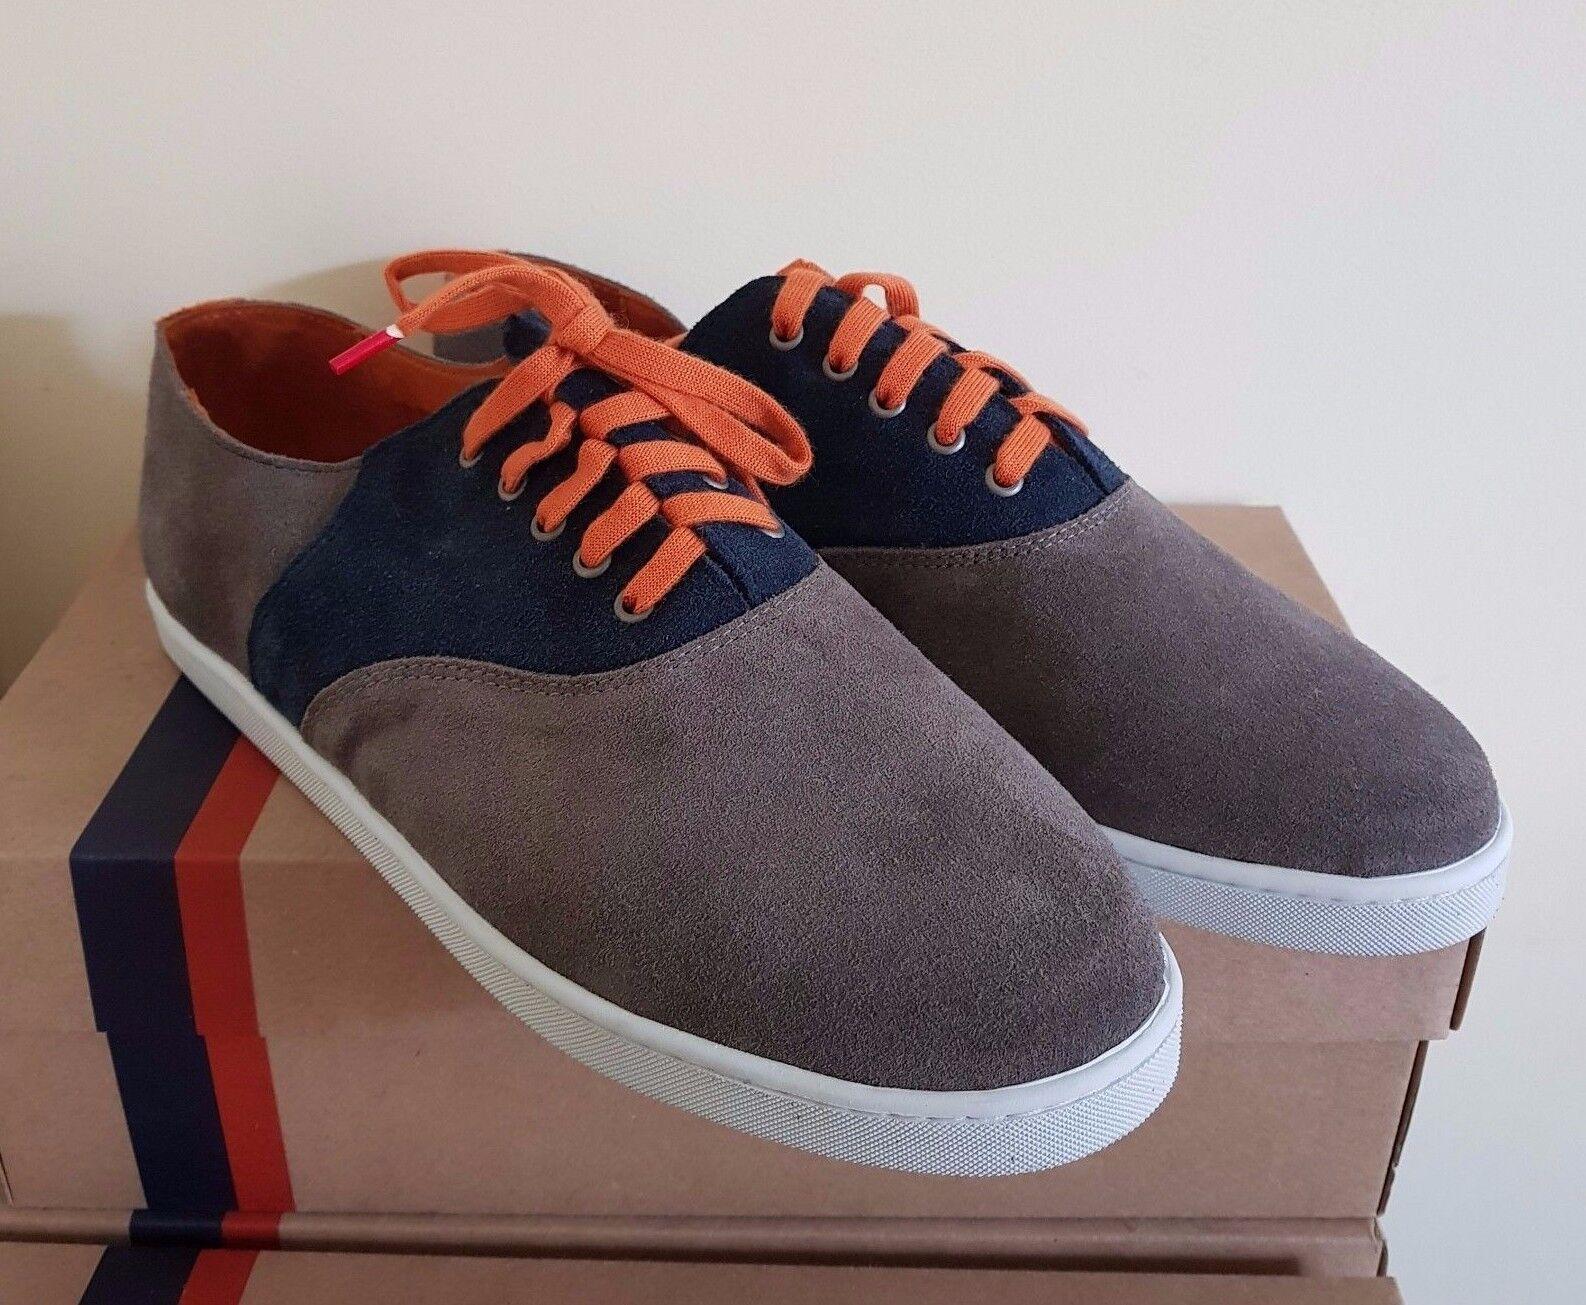 Peaceful gris   naranja zapatos masculinos 44 euros   estética 11 euros (precio de venta al por hombresor  149 euros)